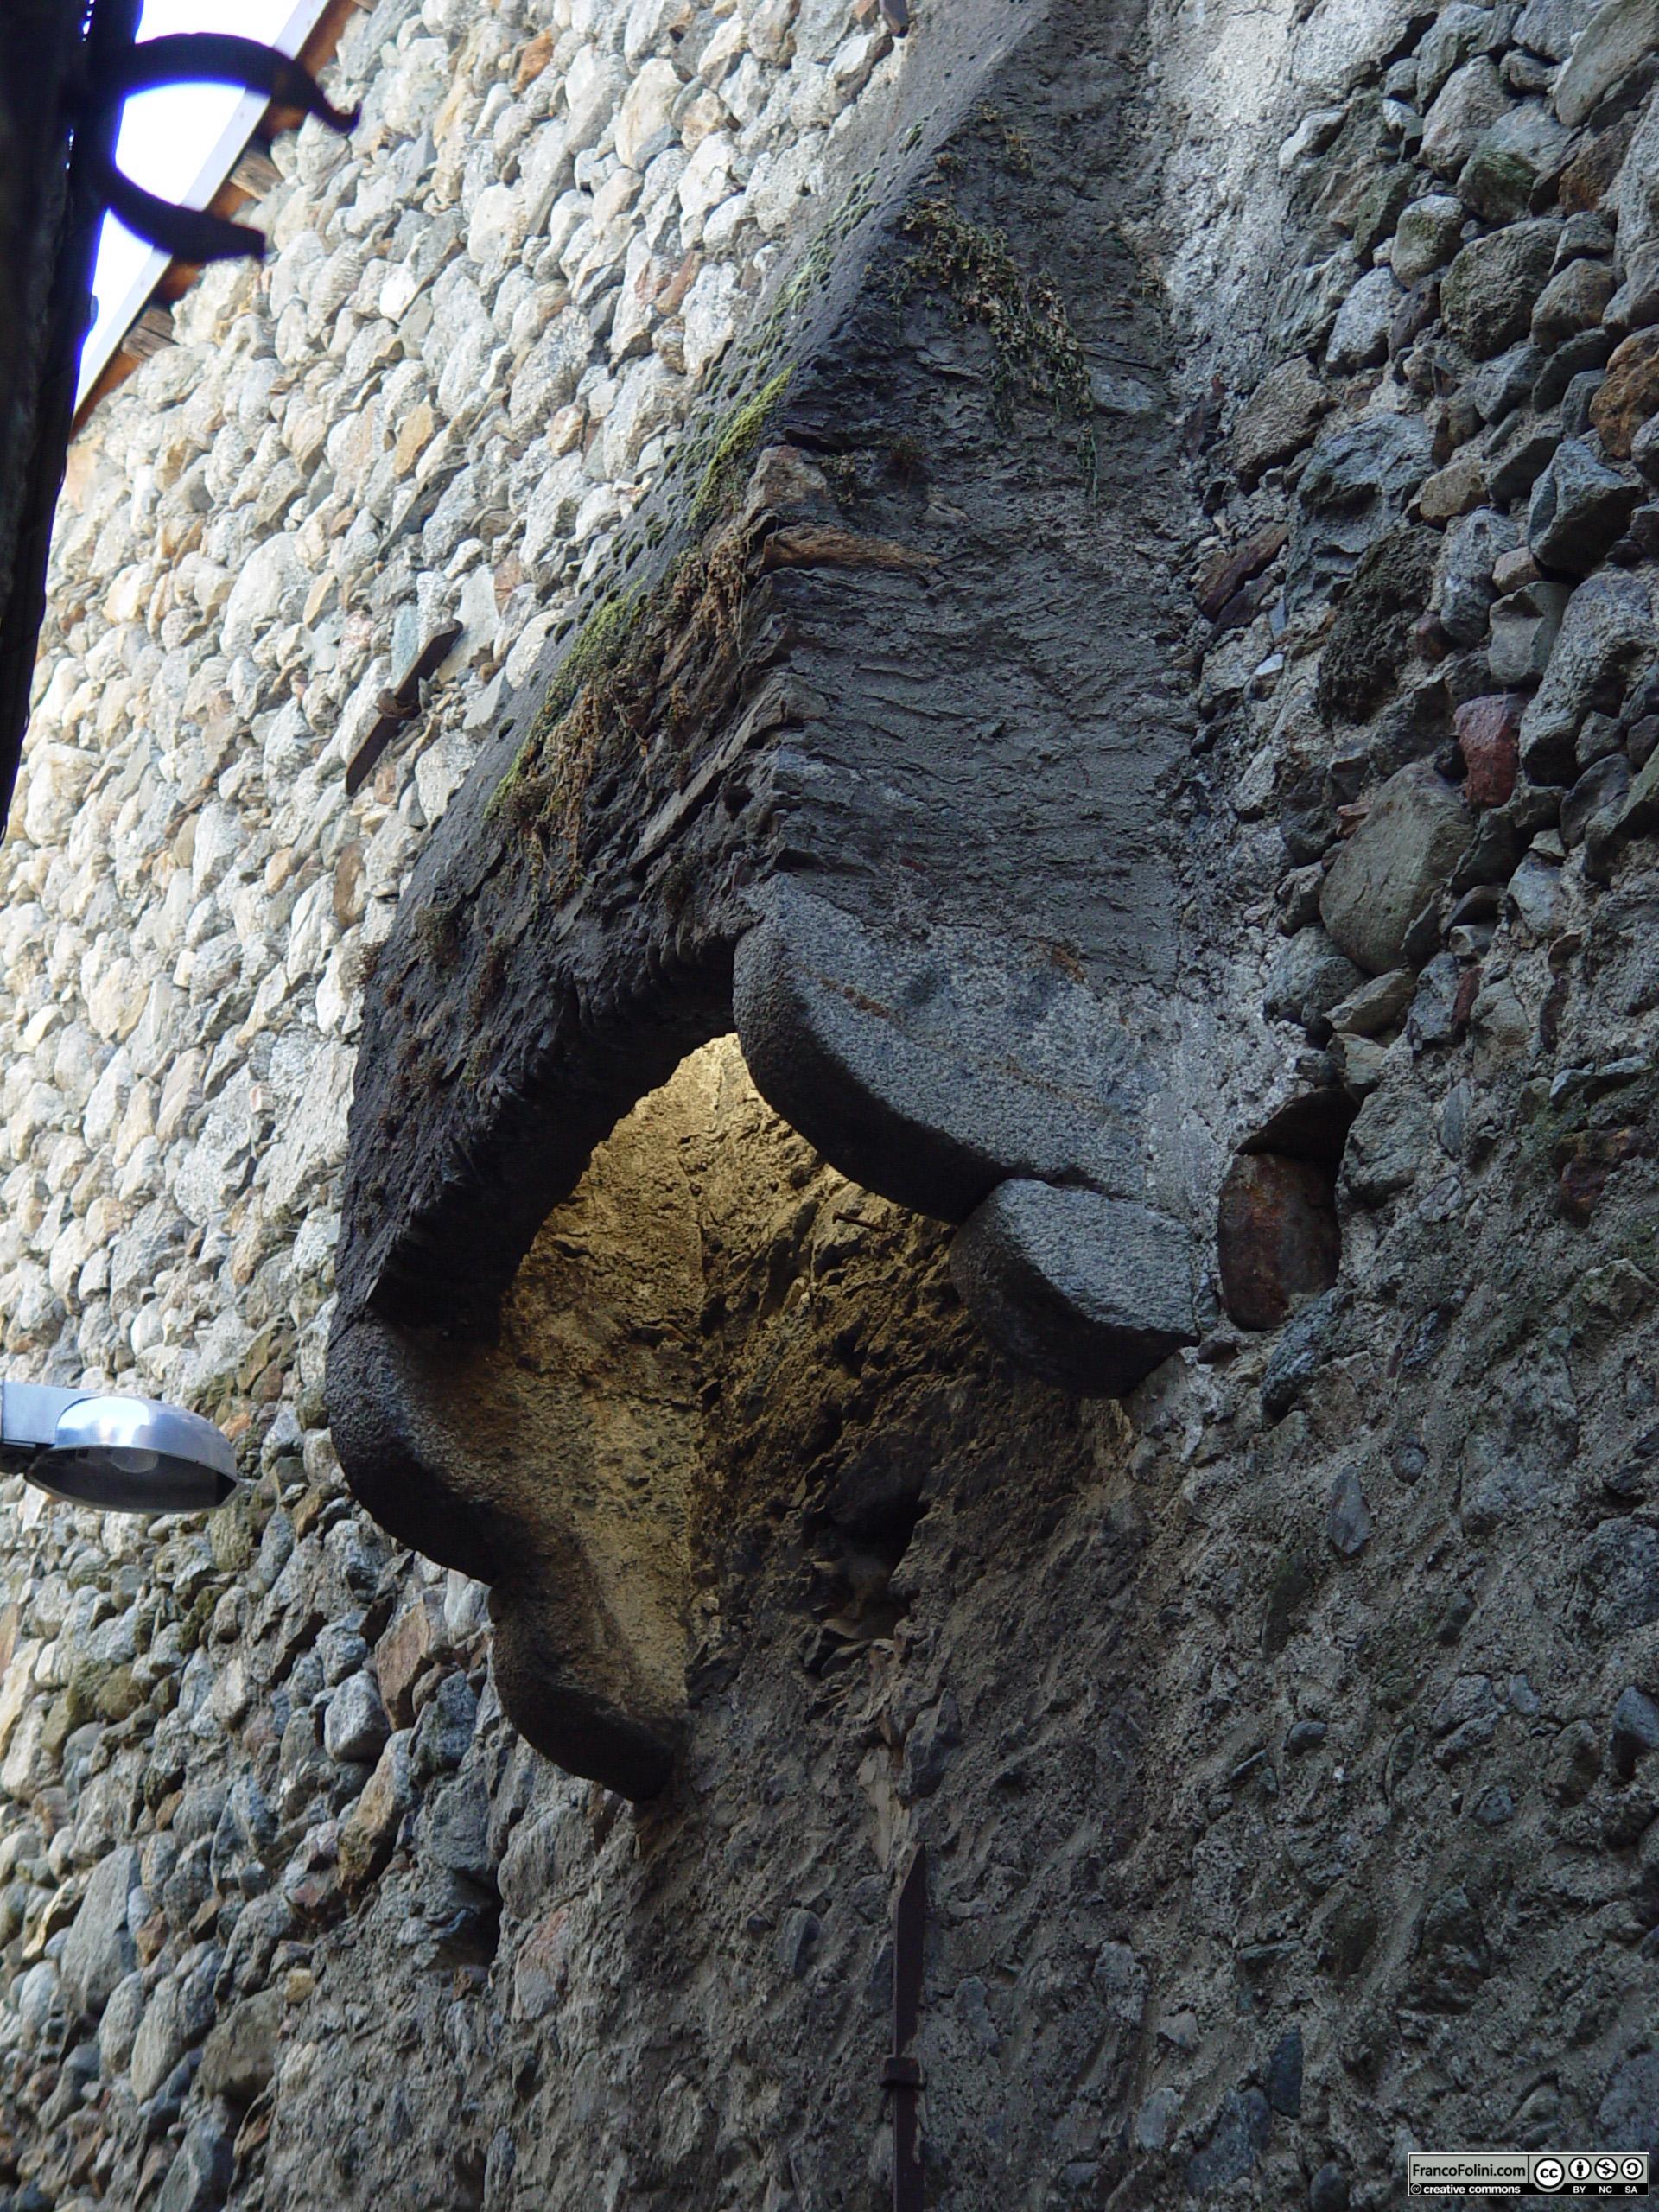 Angoli nascosti di Chiuro: Chiuro: Caditoia del Castello Quadrio che sorge in centro al paese. Lo scopo della caditoia era quello di difendere l'accesso sottostante al castello da intrusioni indesiderate.